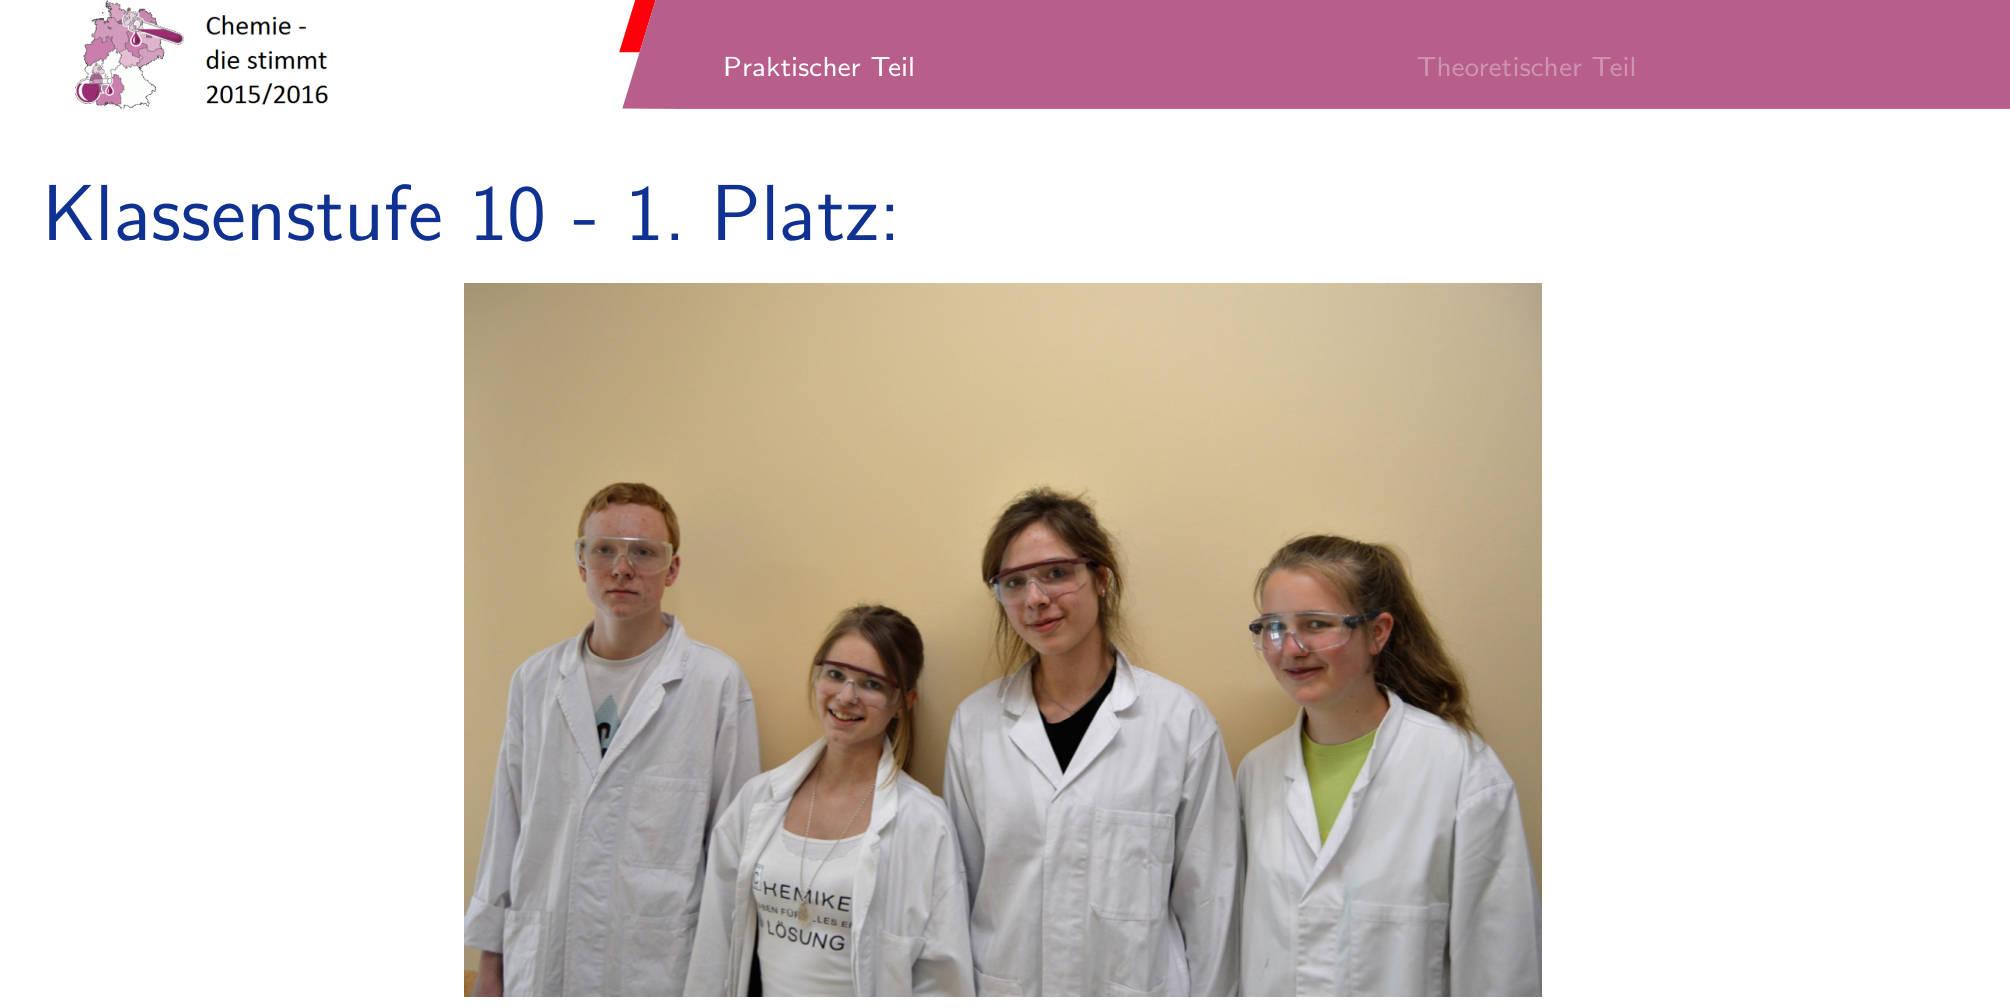 http://www.steingymnasium.de/wp-content/uploads/2016/06/ChemieDieStimmt2016.jpg